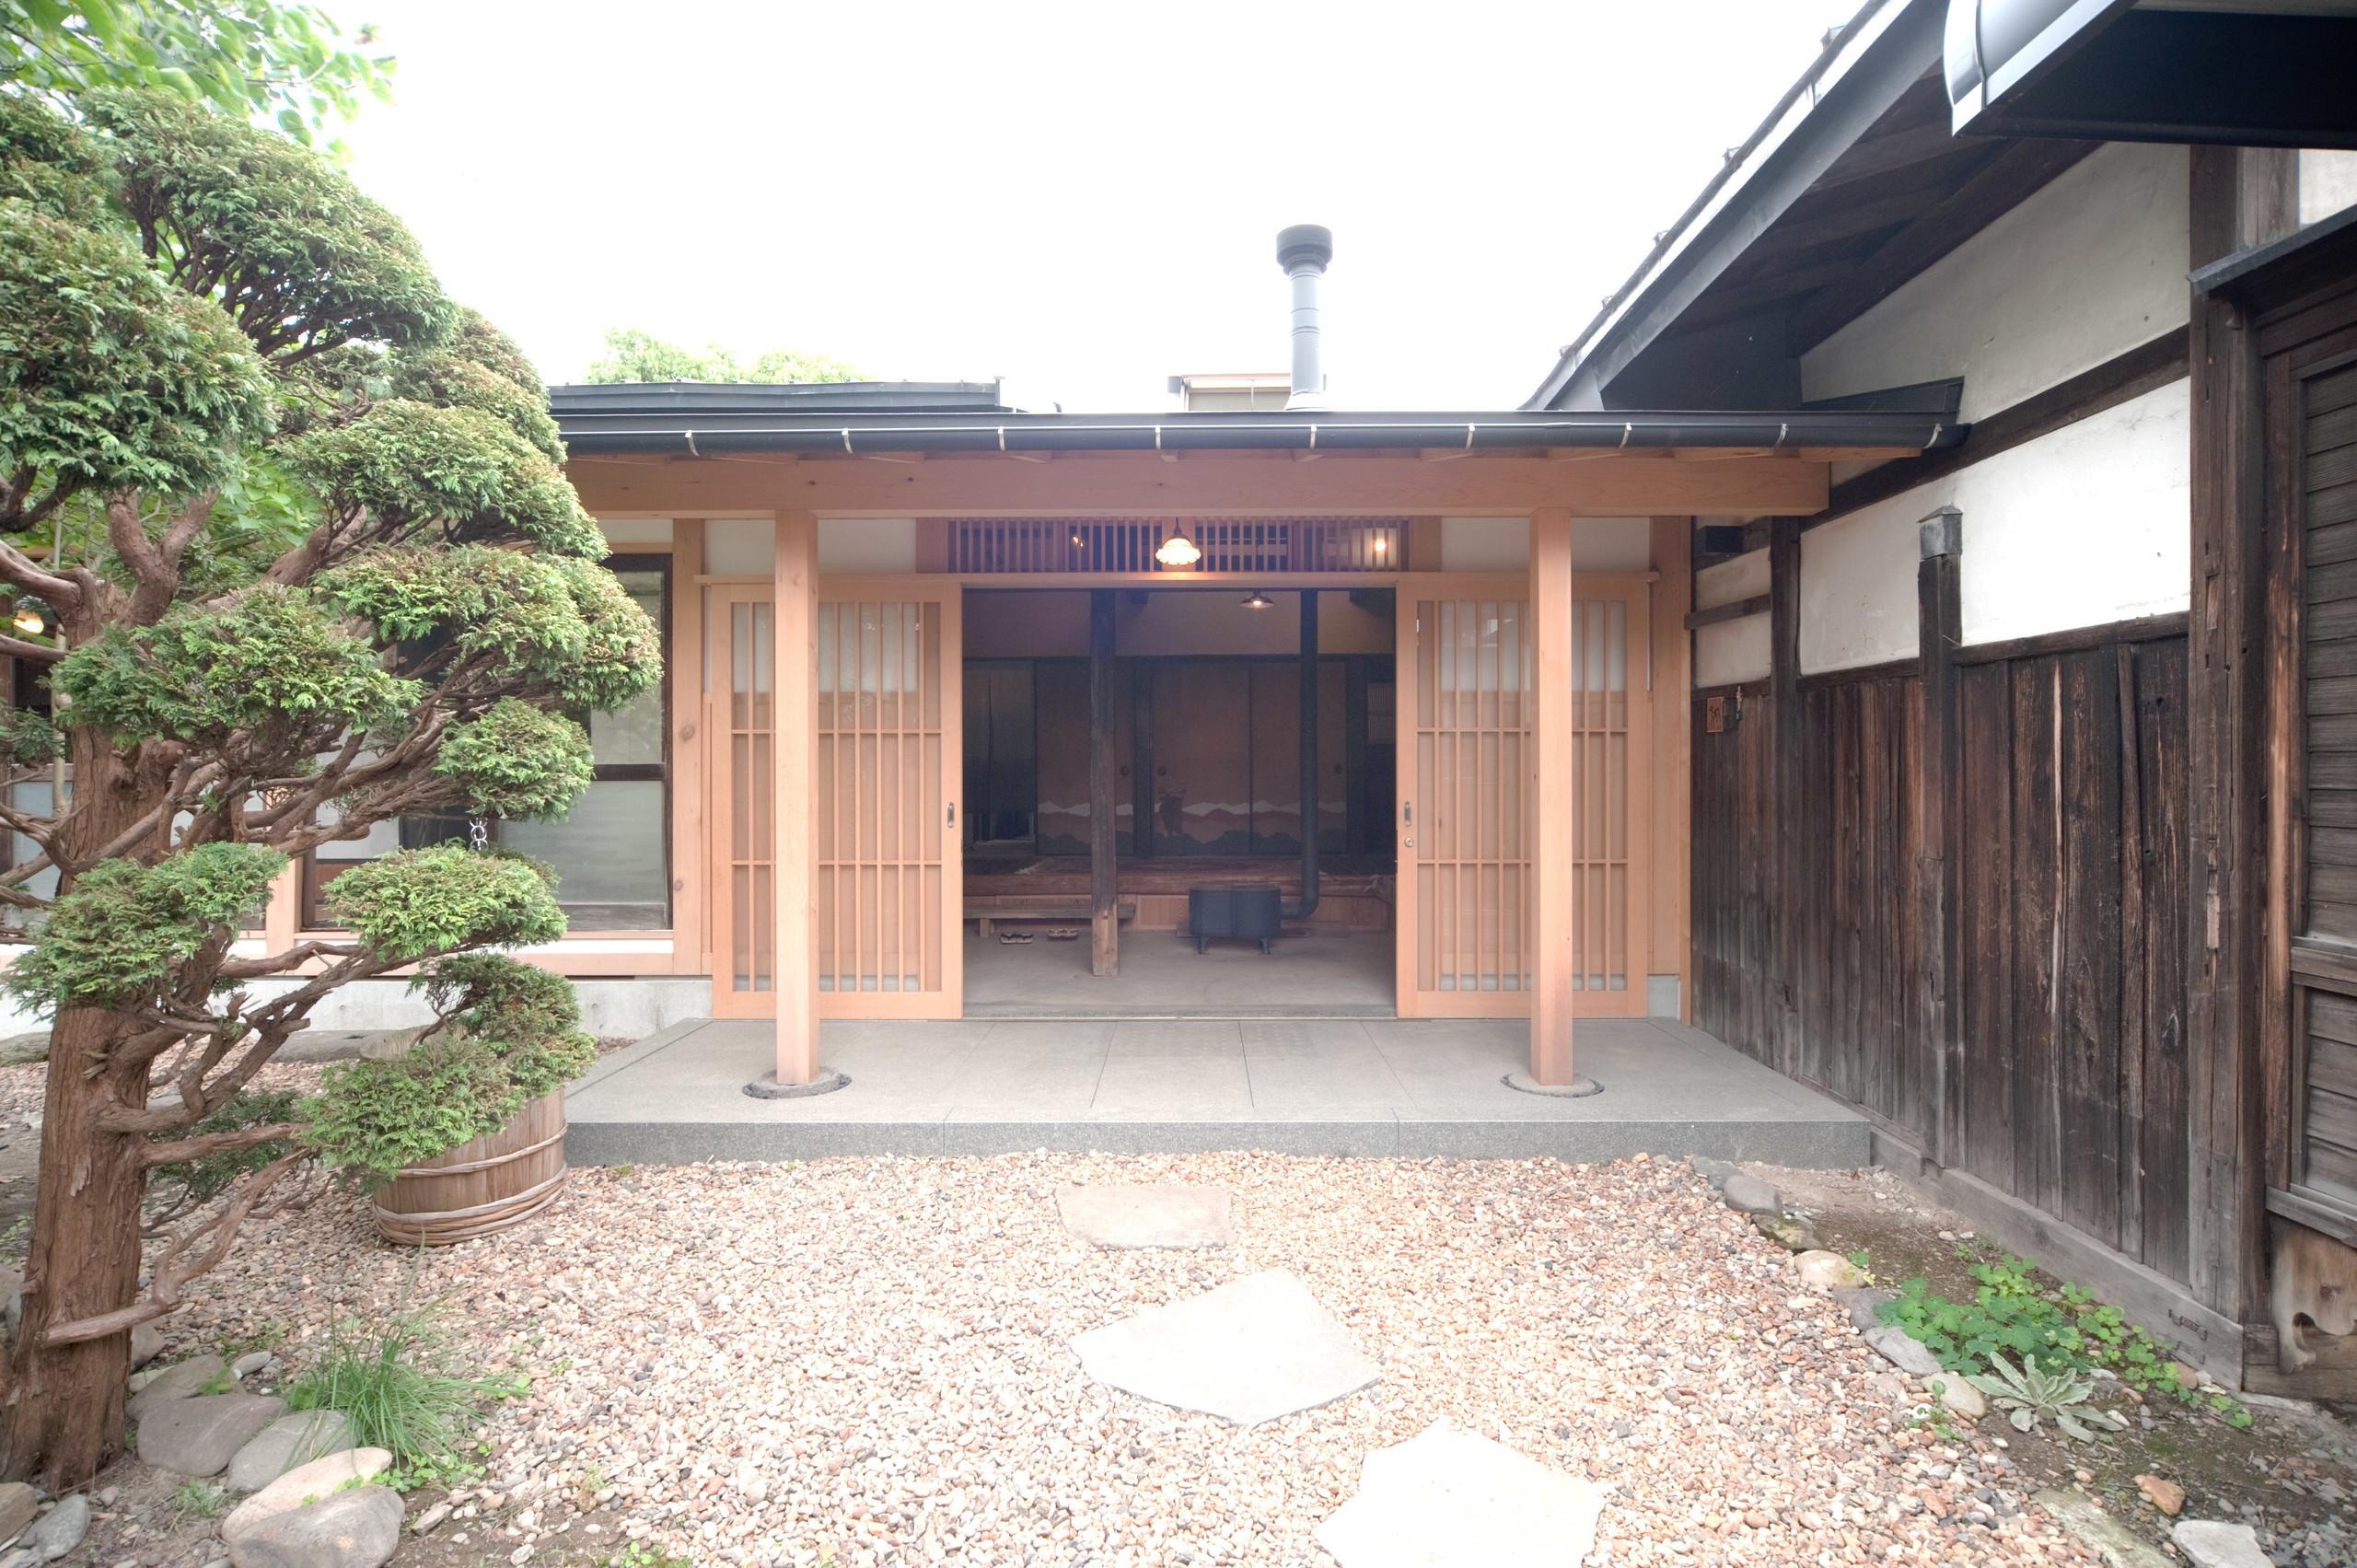 江戸時代には玄関だったところを、最近まで居間として使用今回、玄関に戻した  | 長坂町の家 武家屋敷の再生